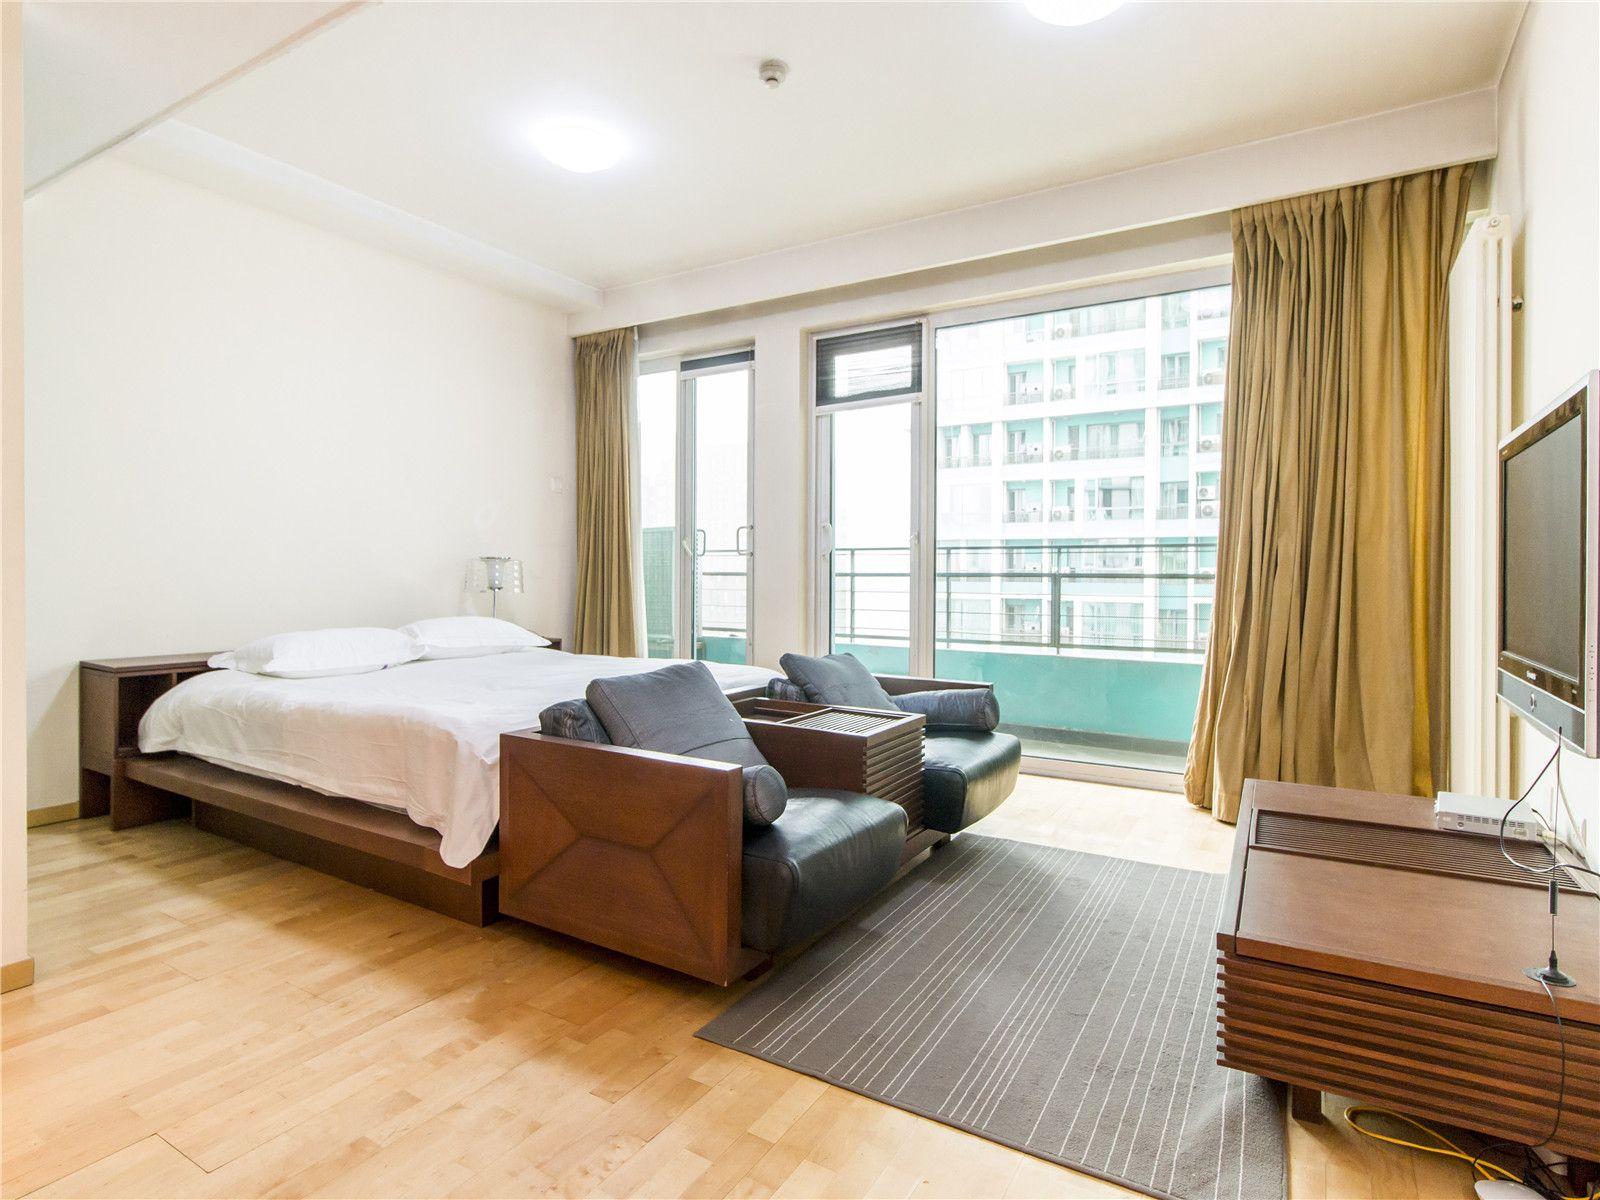 相寓INN服务公寓(北京华贸国际公寓店)预订/团购